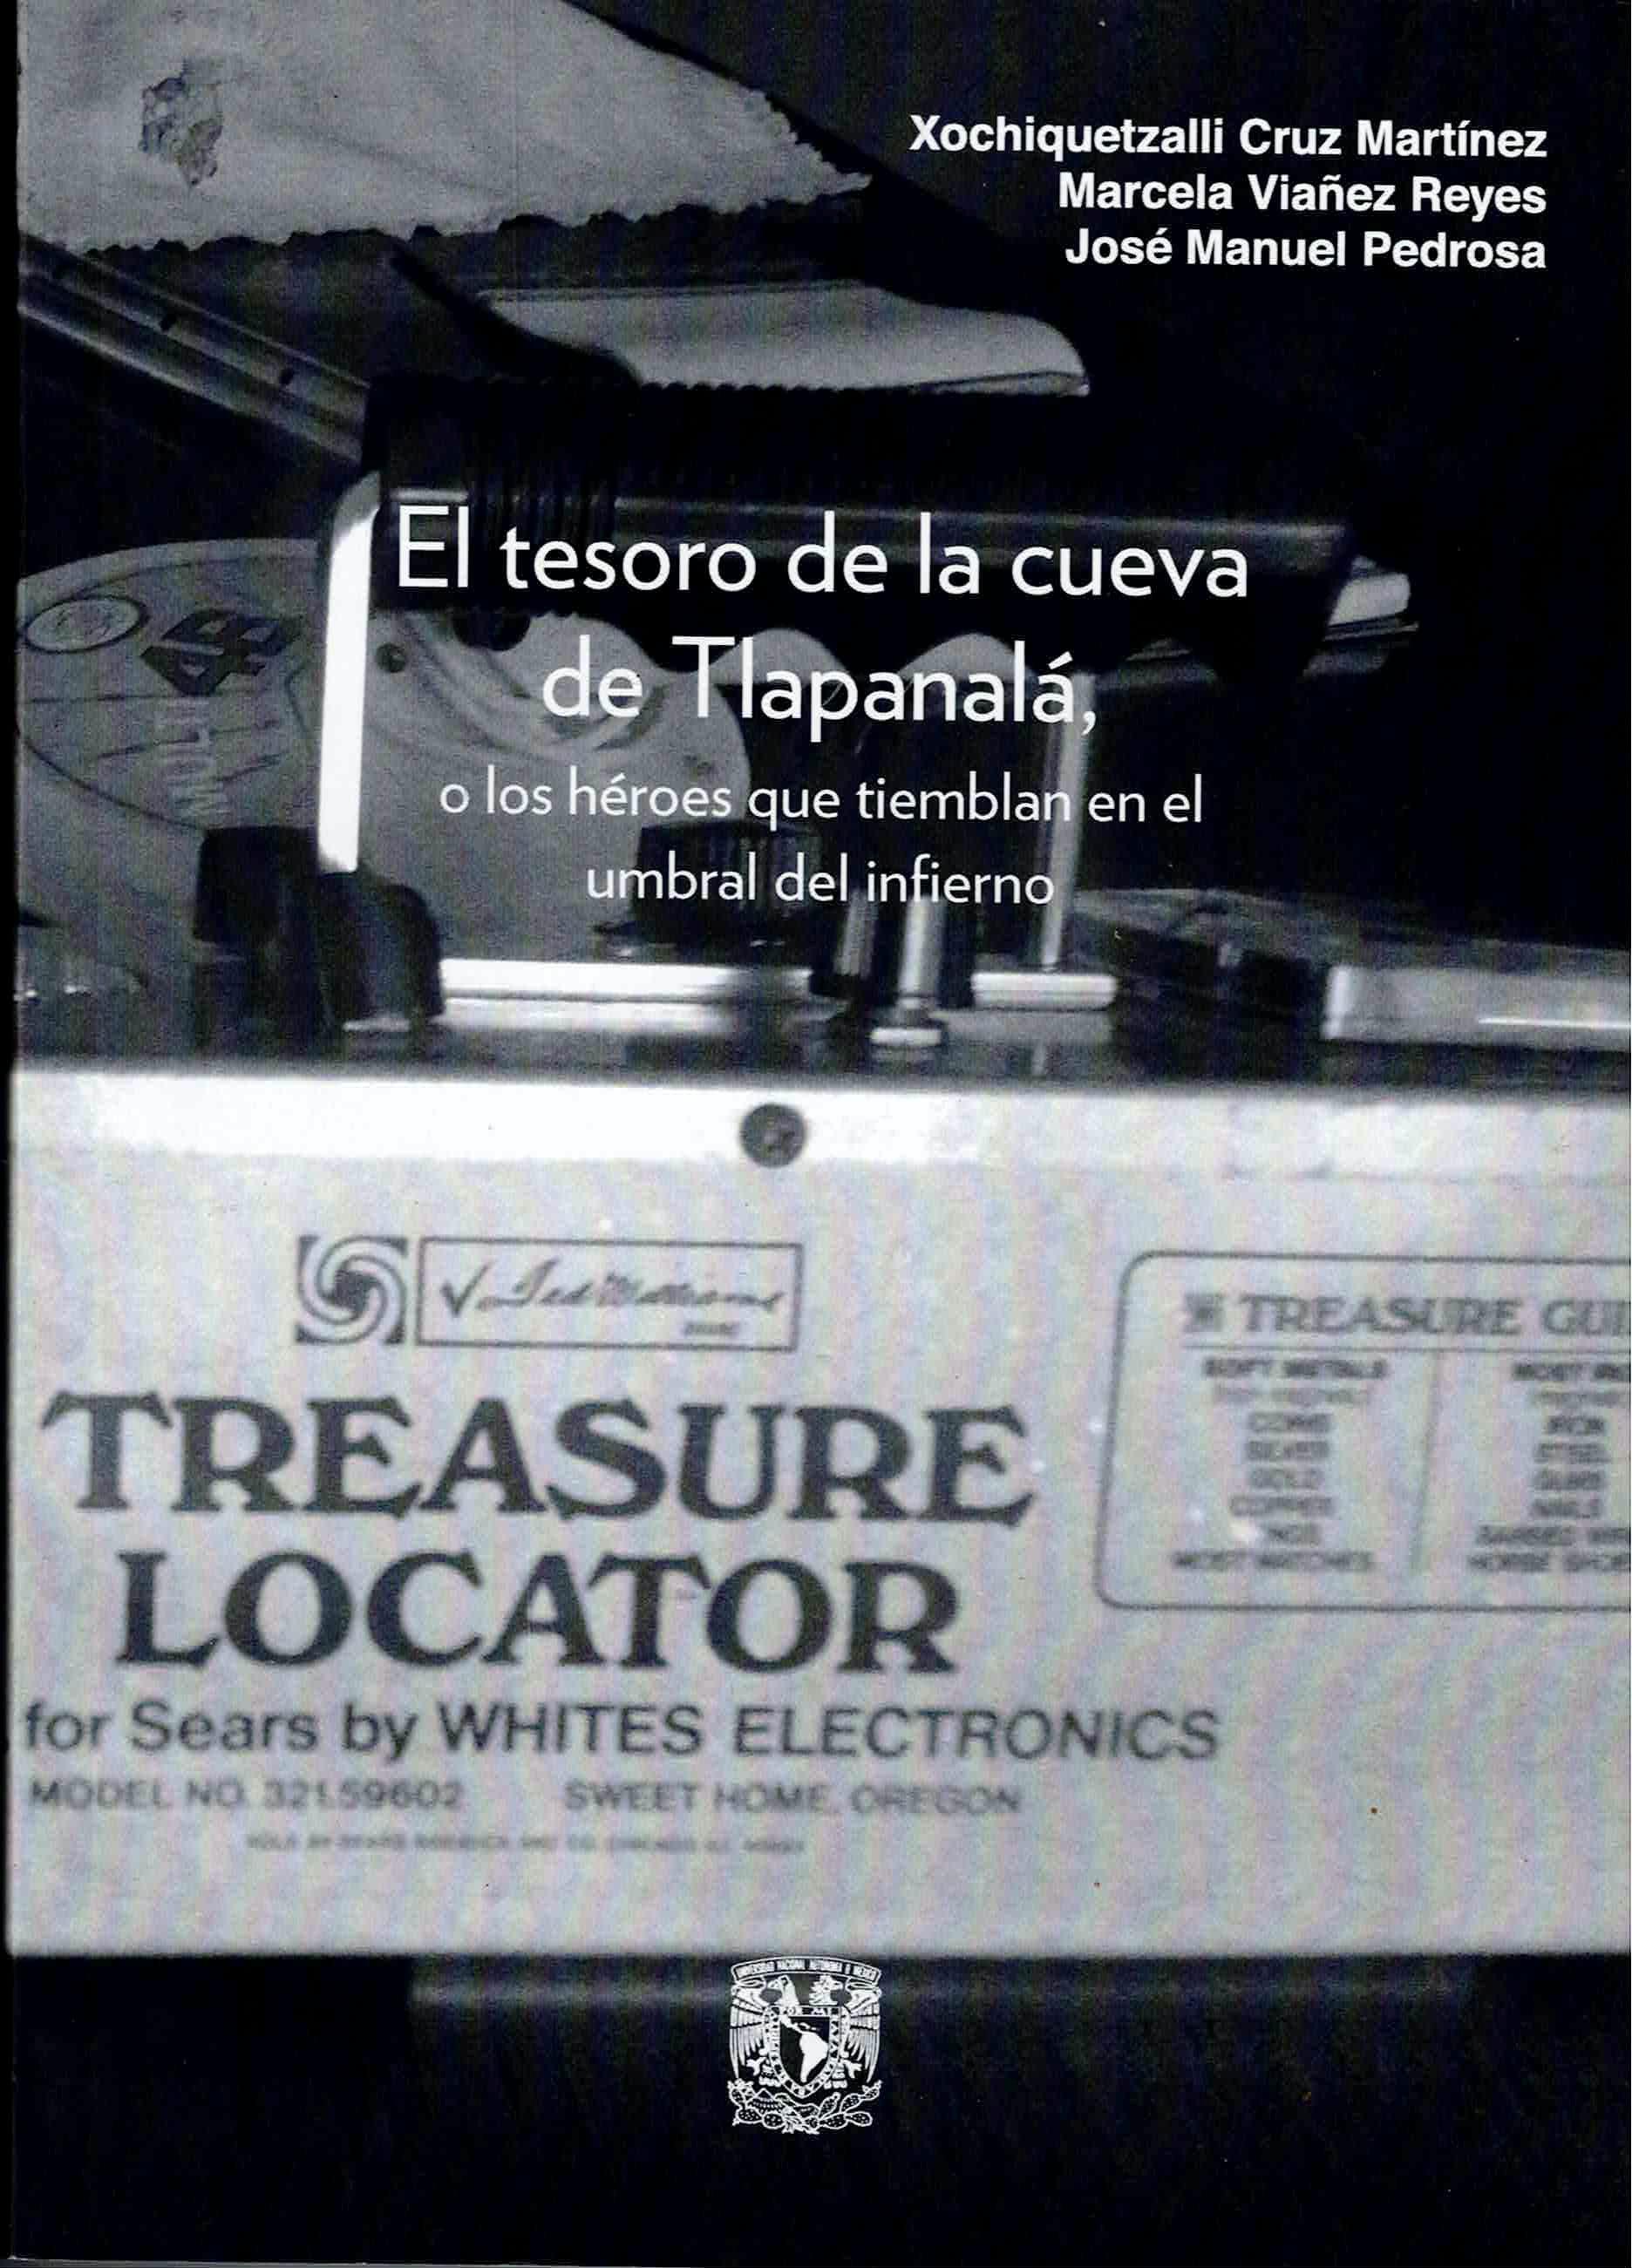 El tesoro de la cueva de Tlapanalá, o los héroes que tiemblan en el umbral del infierno